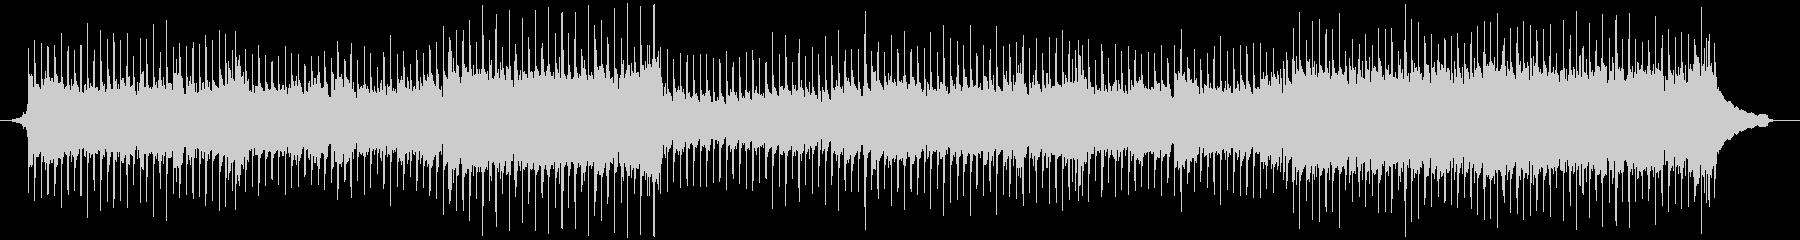 VP系17、軽快で爽やかなロック Aの未再生の波形